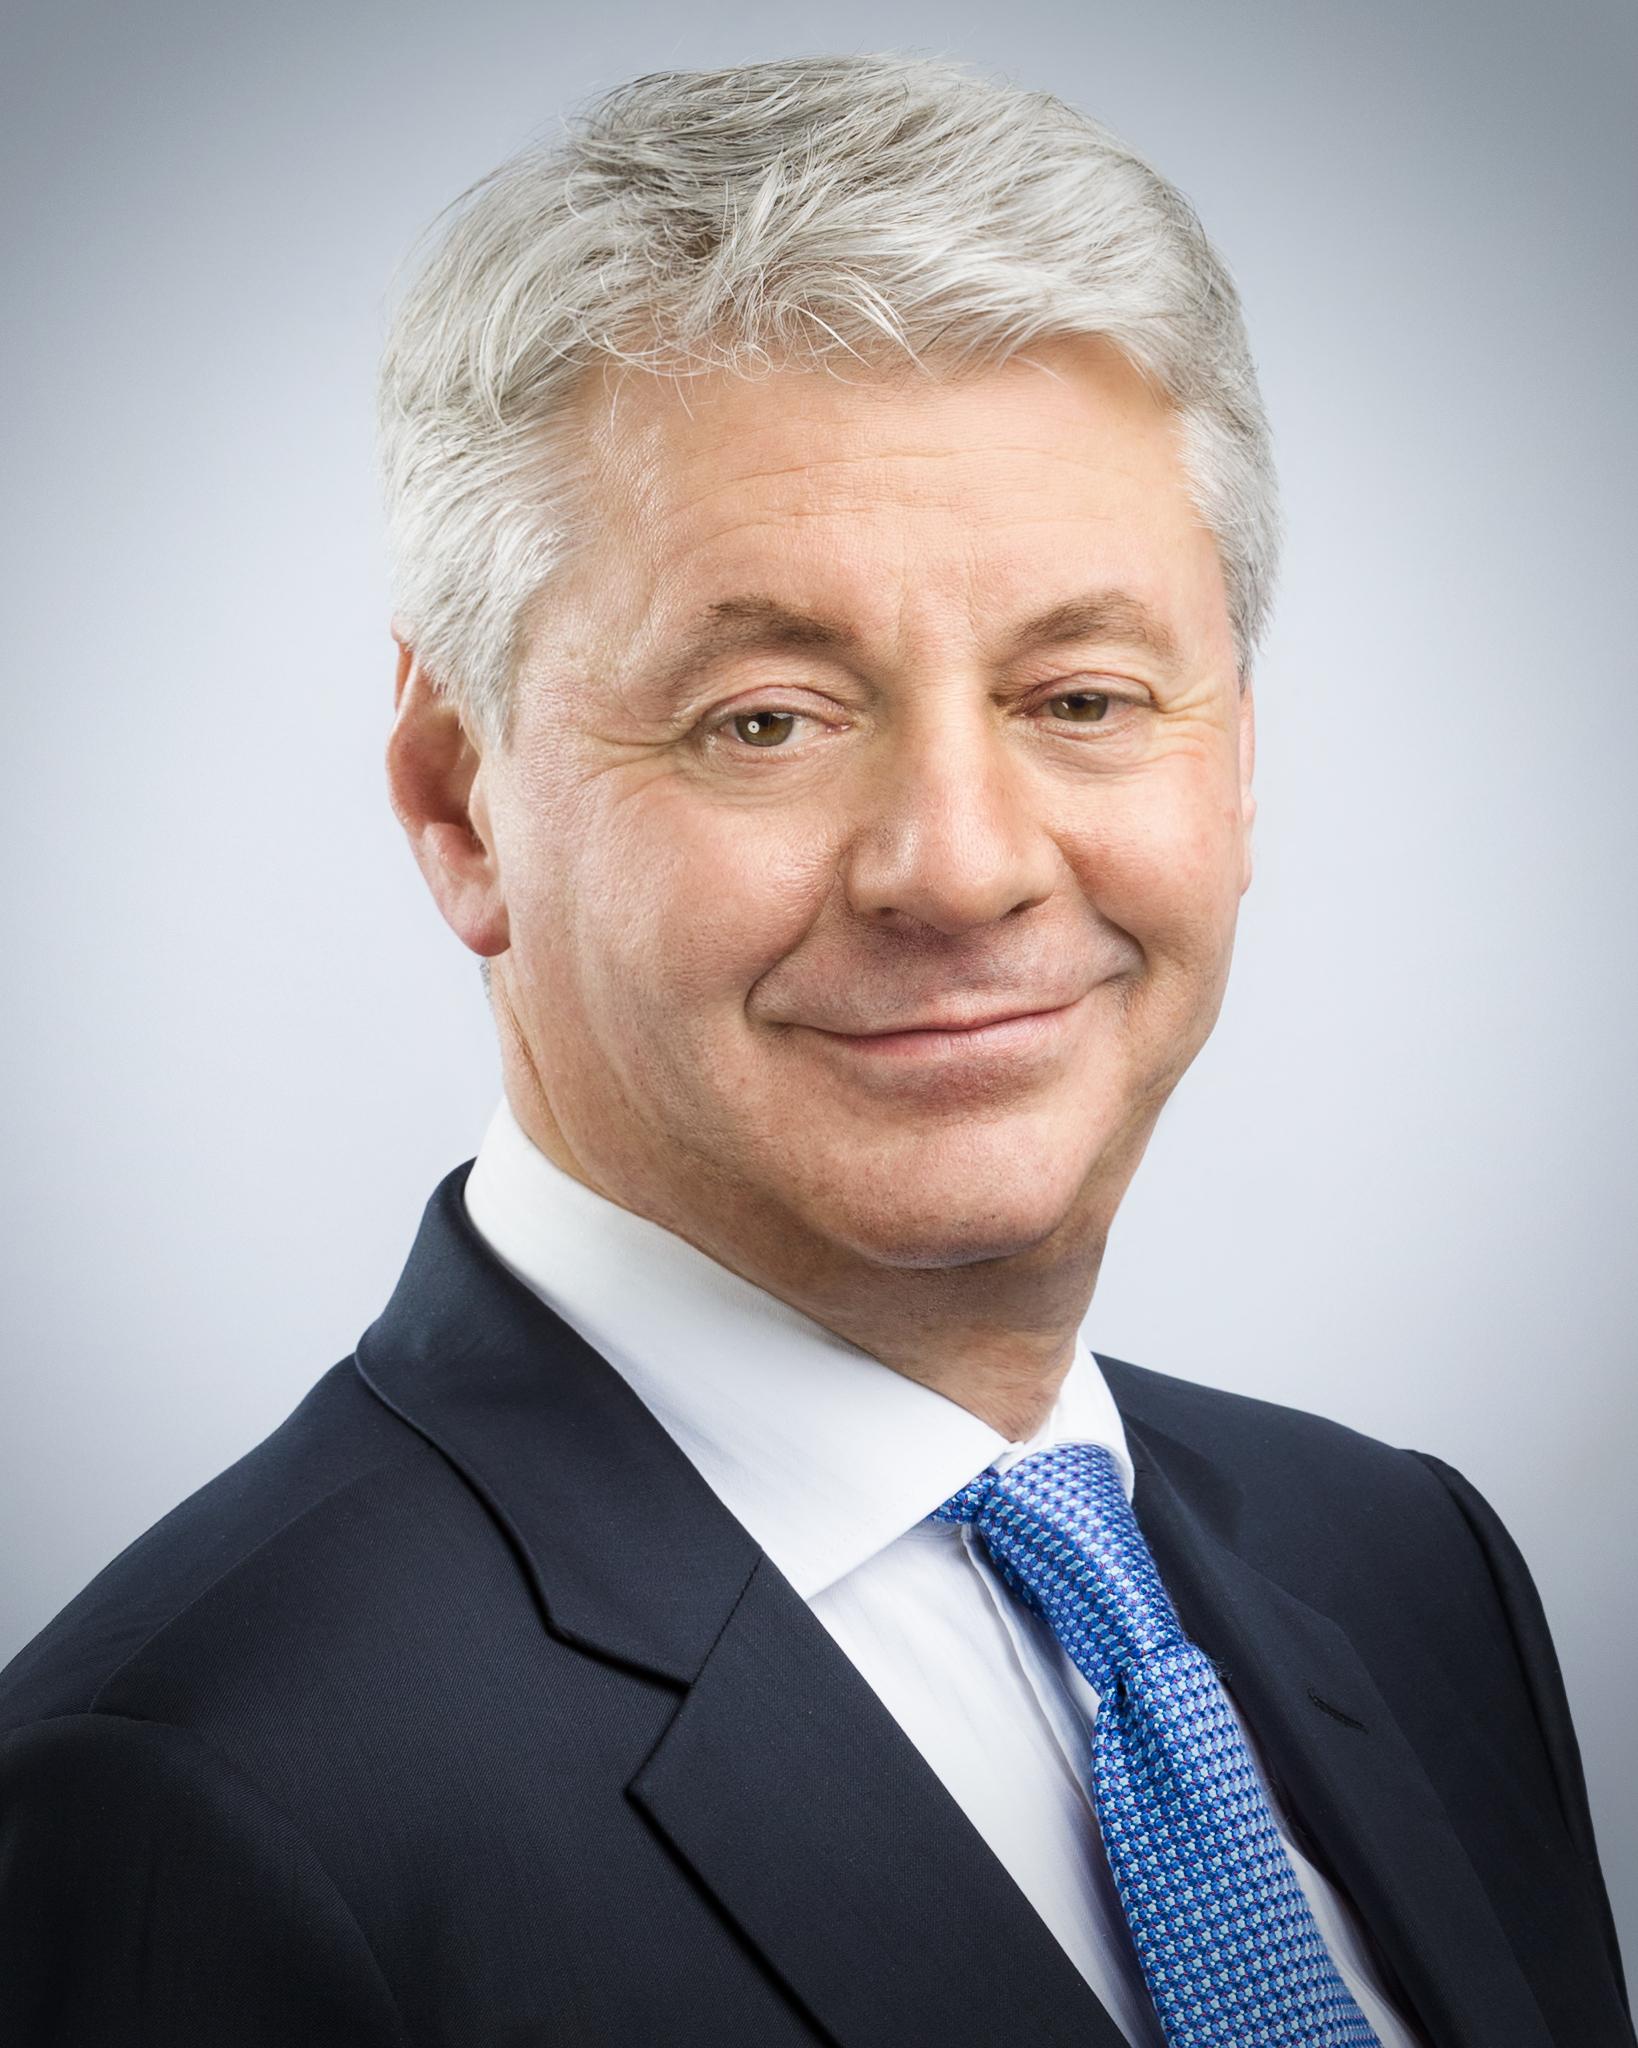 THOMAS MARKO